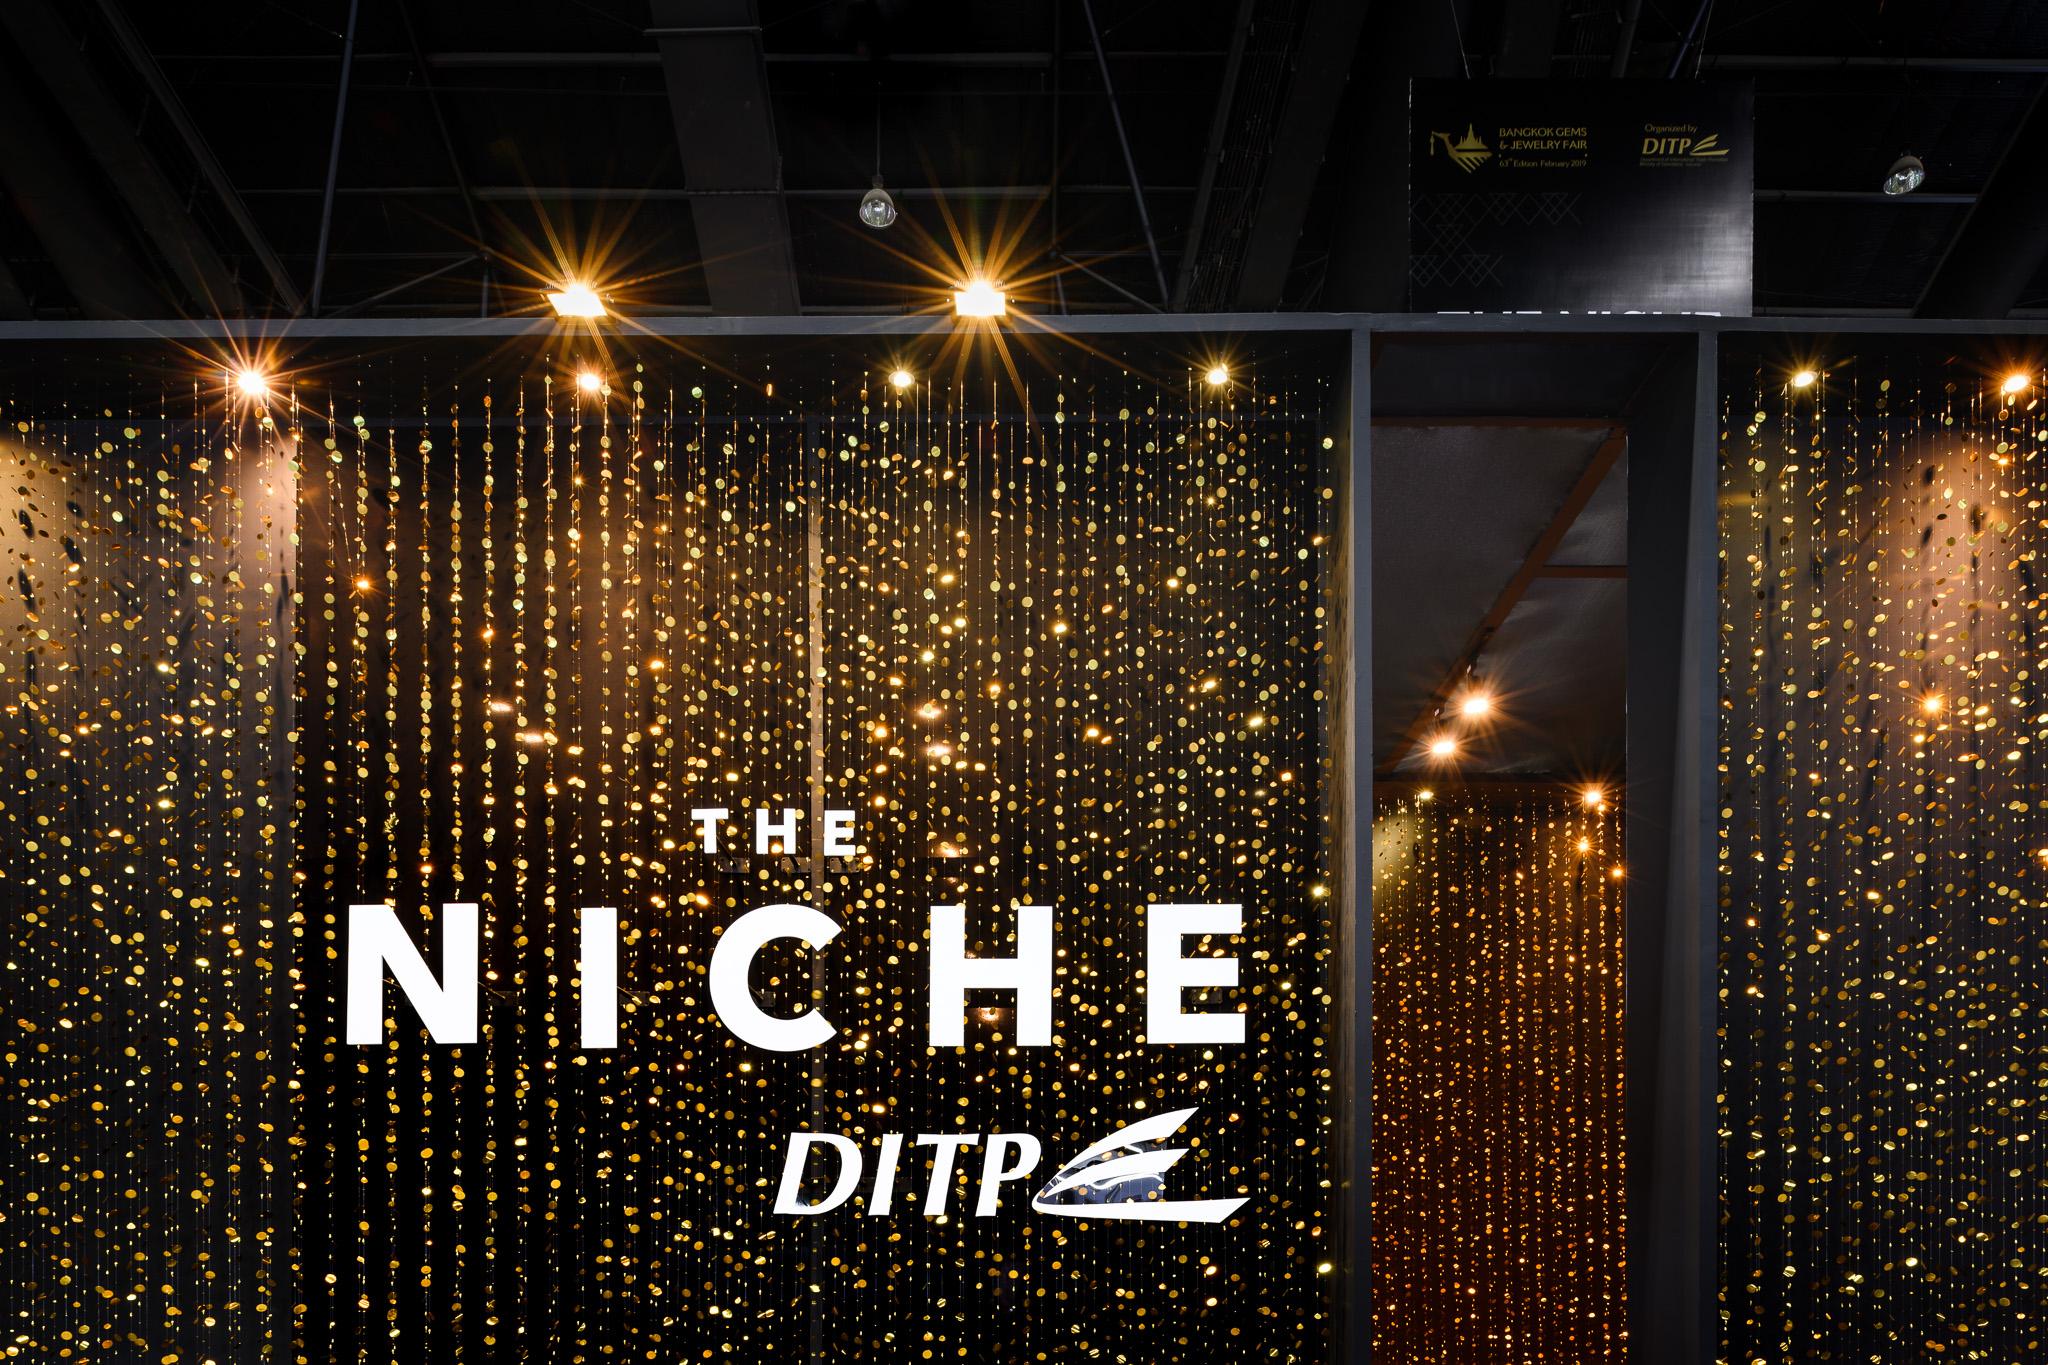 The Niche Showcase 2019